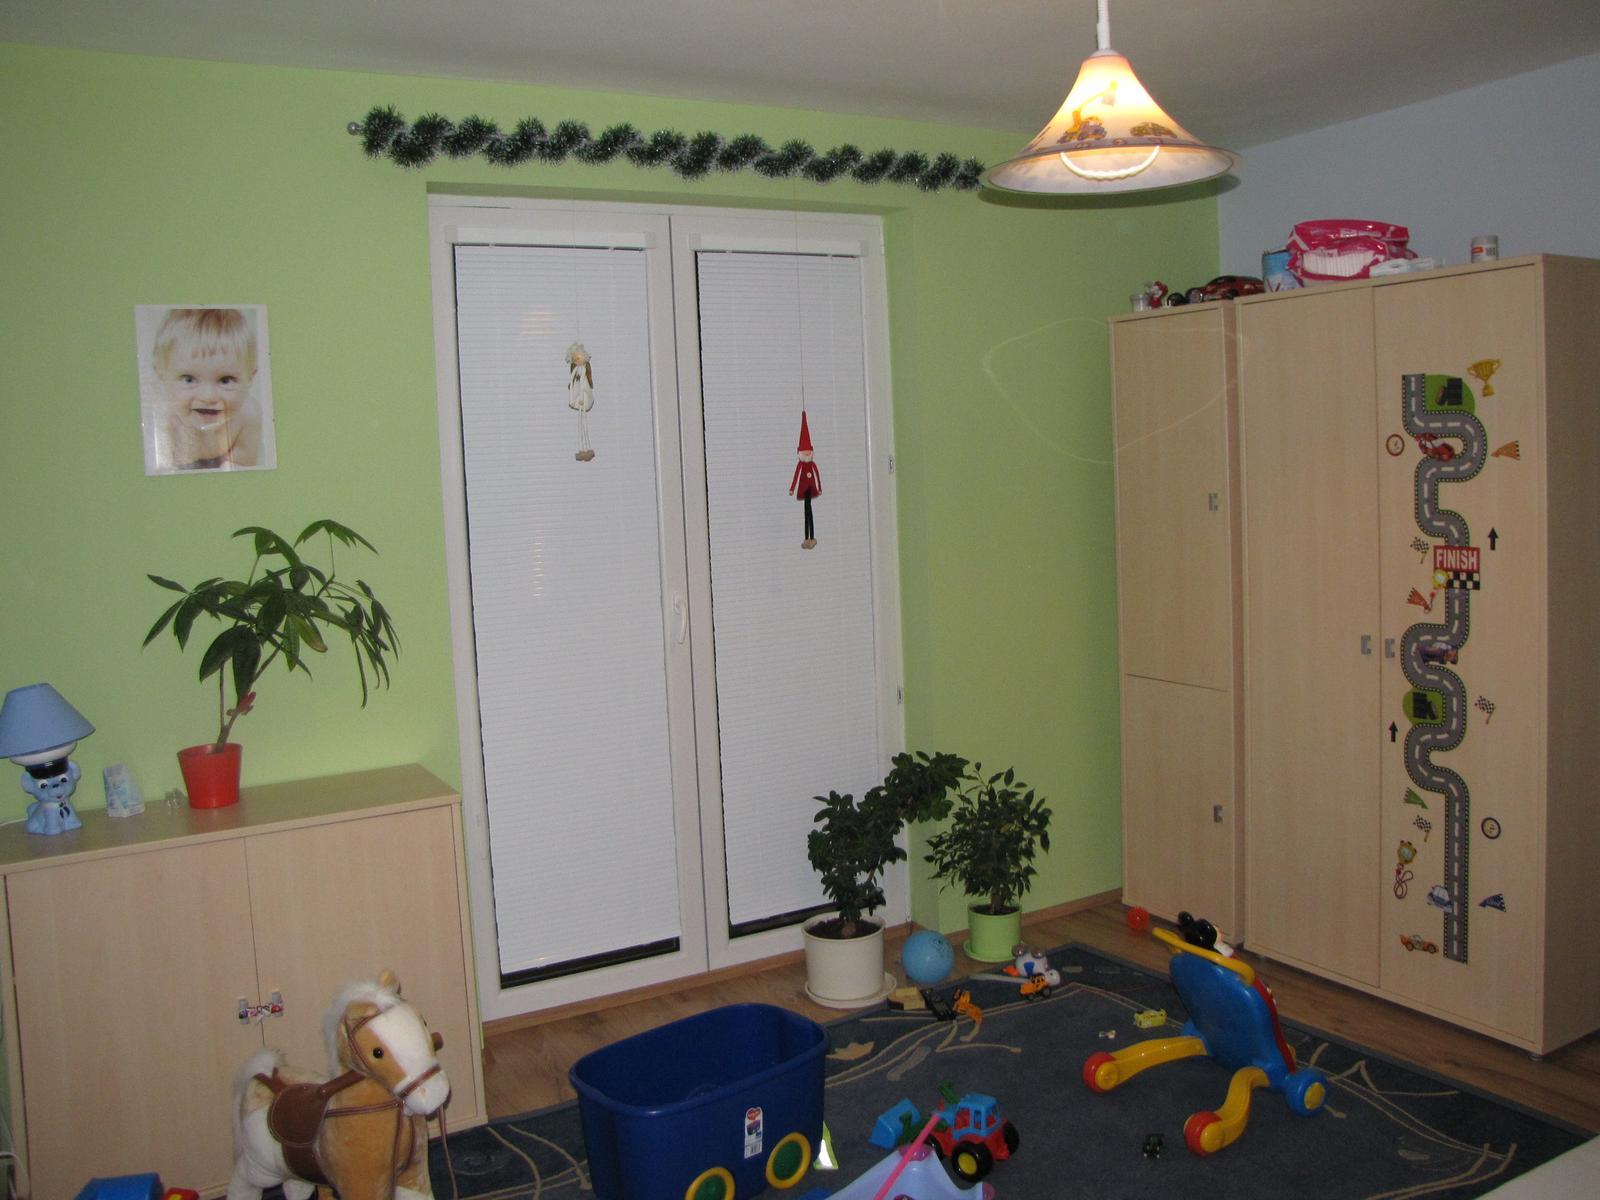 Posledný deň v roku sme sa presťahovali - izba je uprataná iba keď sa vysáva po vysávaní musí byť všetko ako pred vysávaním, čiže večný neporiadok